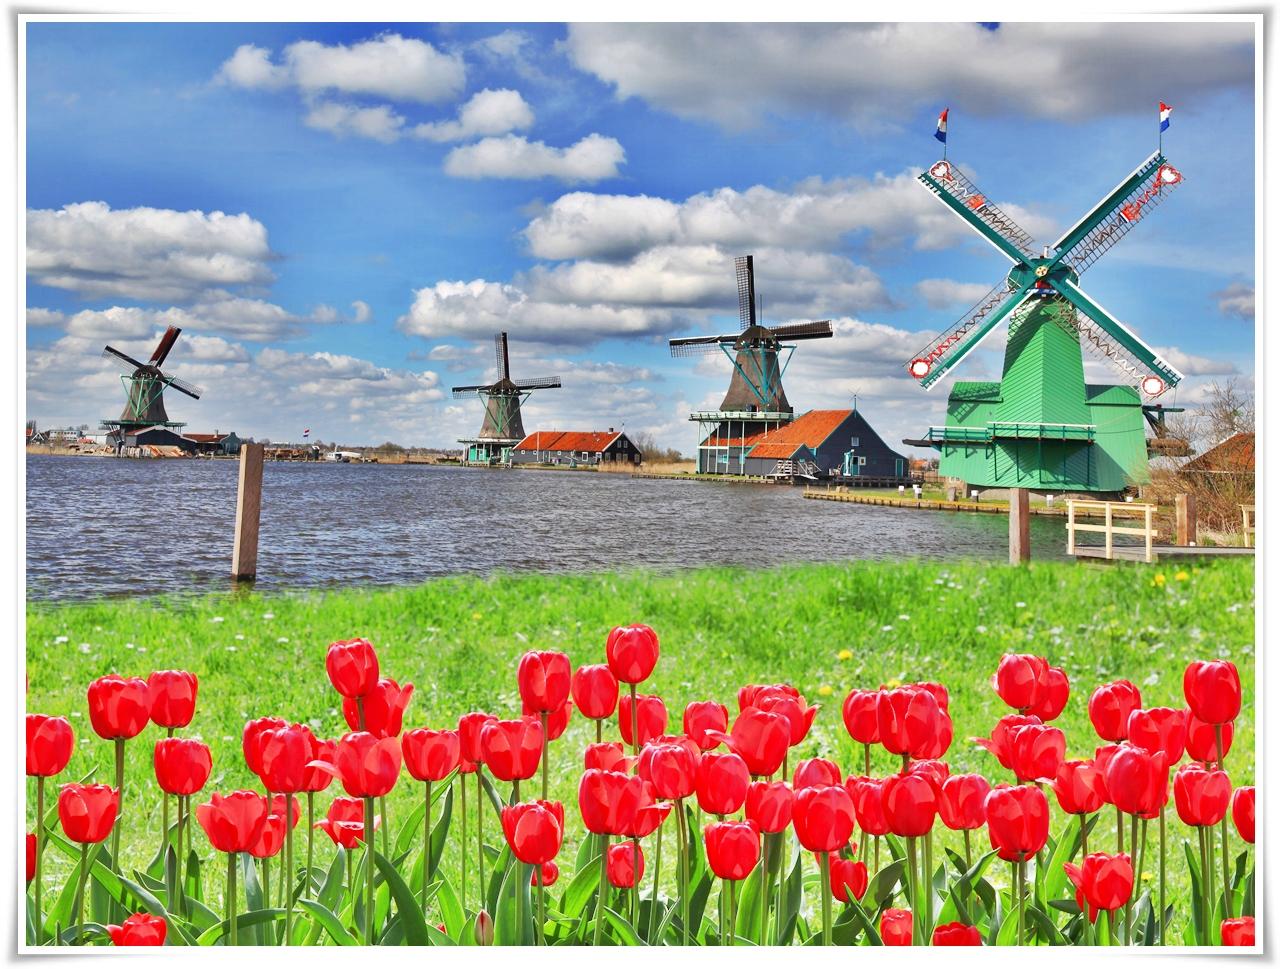 ทัวร์ยุโรป-TULIPS-FESTIVAL-ฝรั่งเศส-เบลเยี่ยม-เนเธอร์แลนด์-8วัน-5-คืน-(MAR-MAY18)